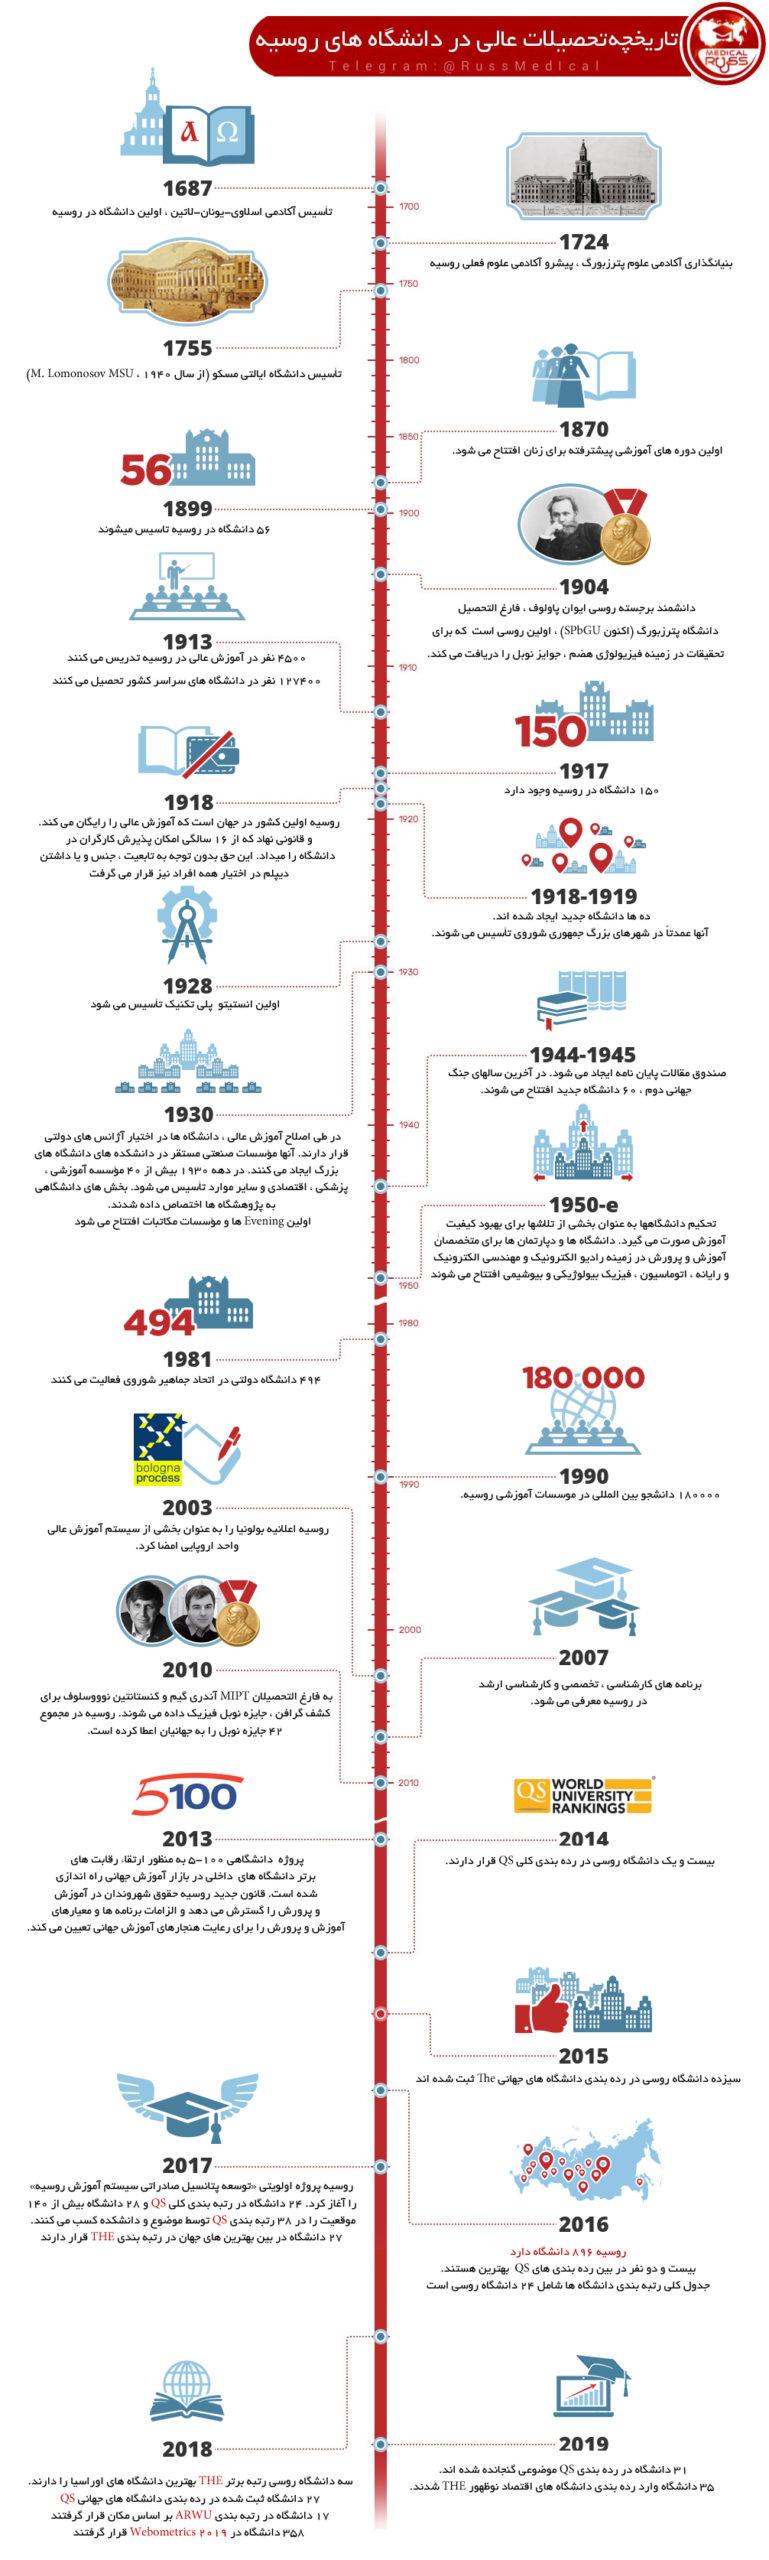 تاریخچه دانشگاه های روسیه